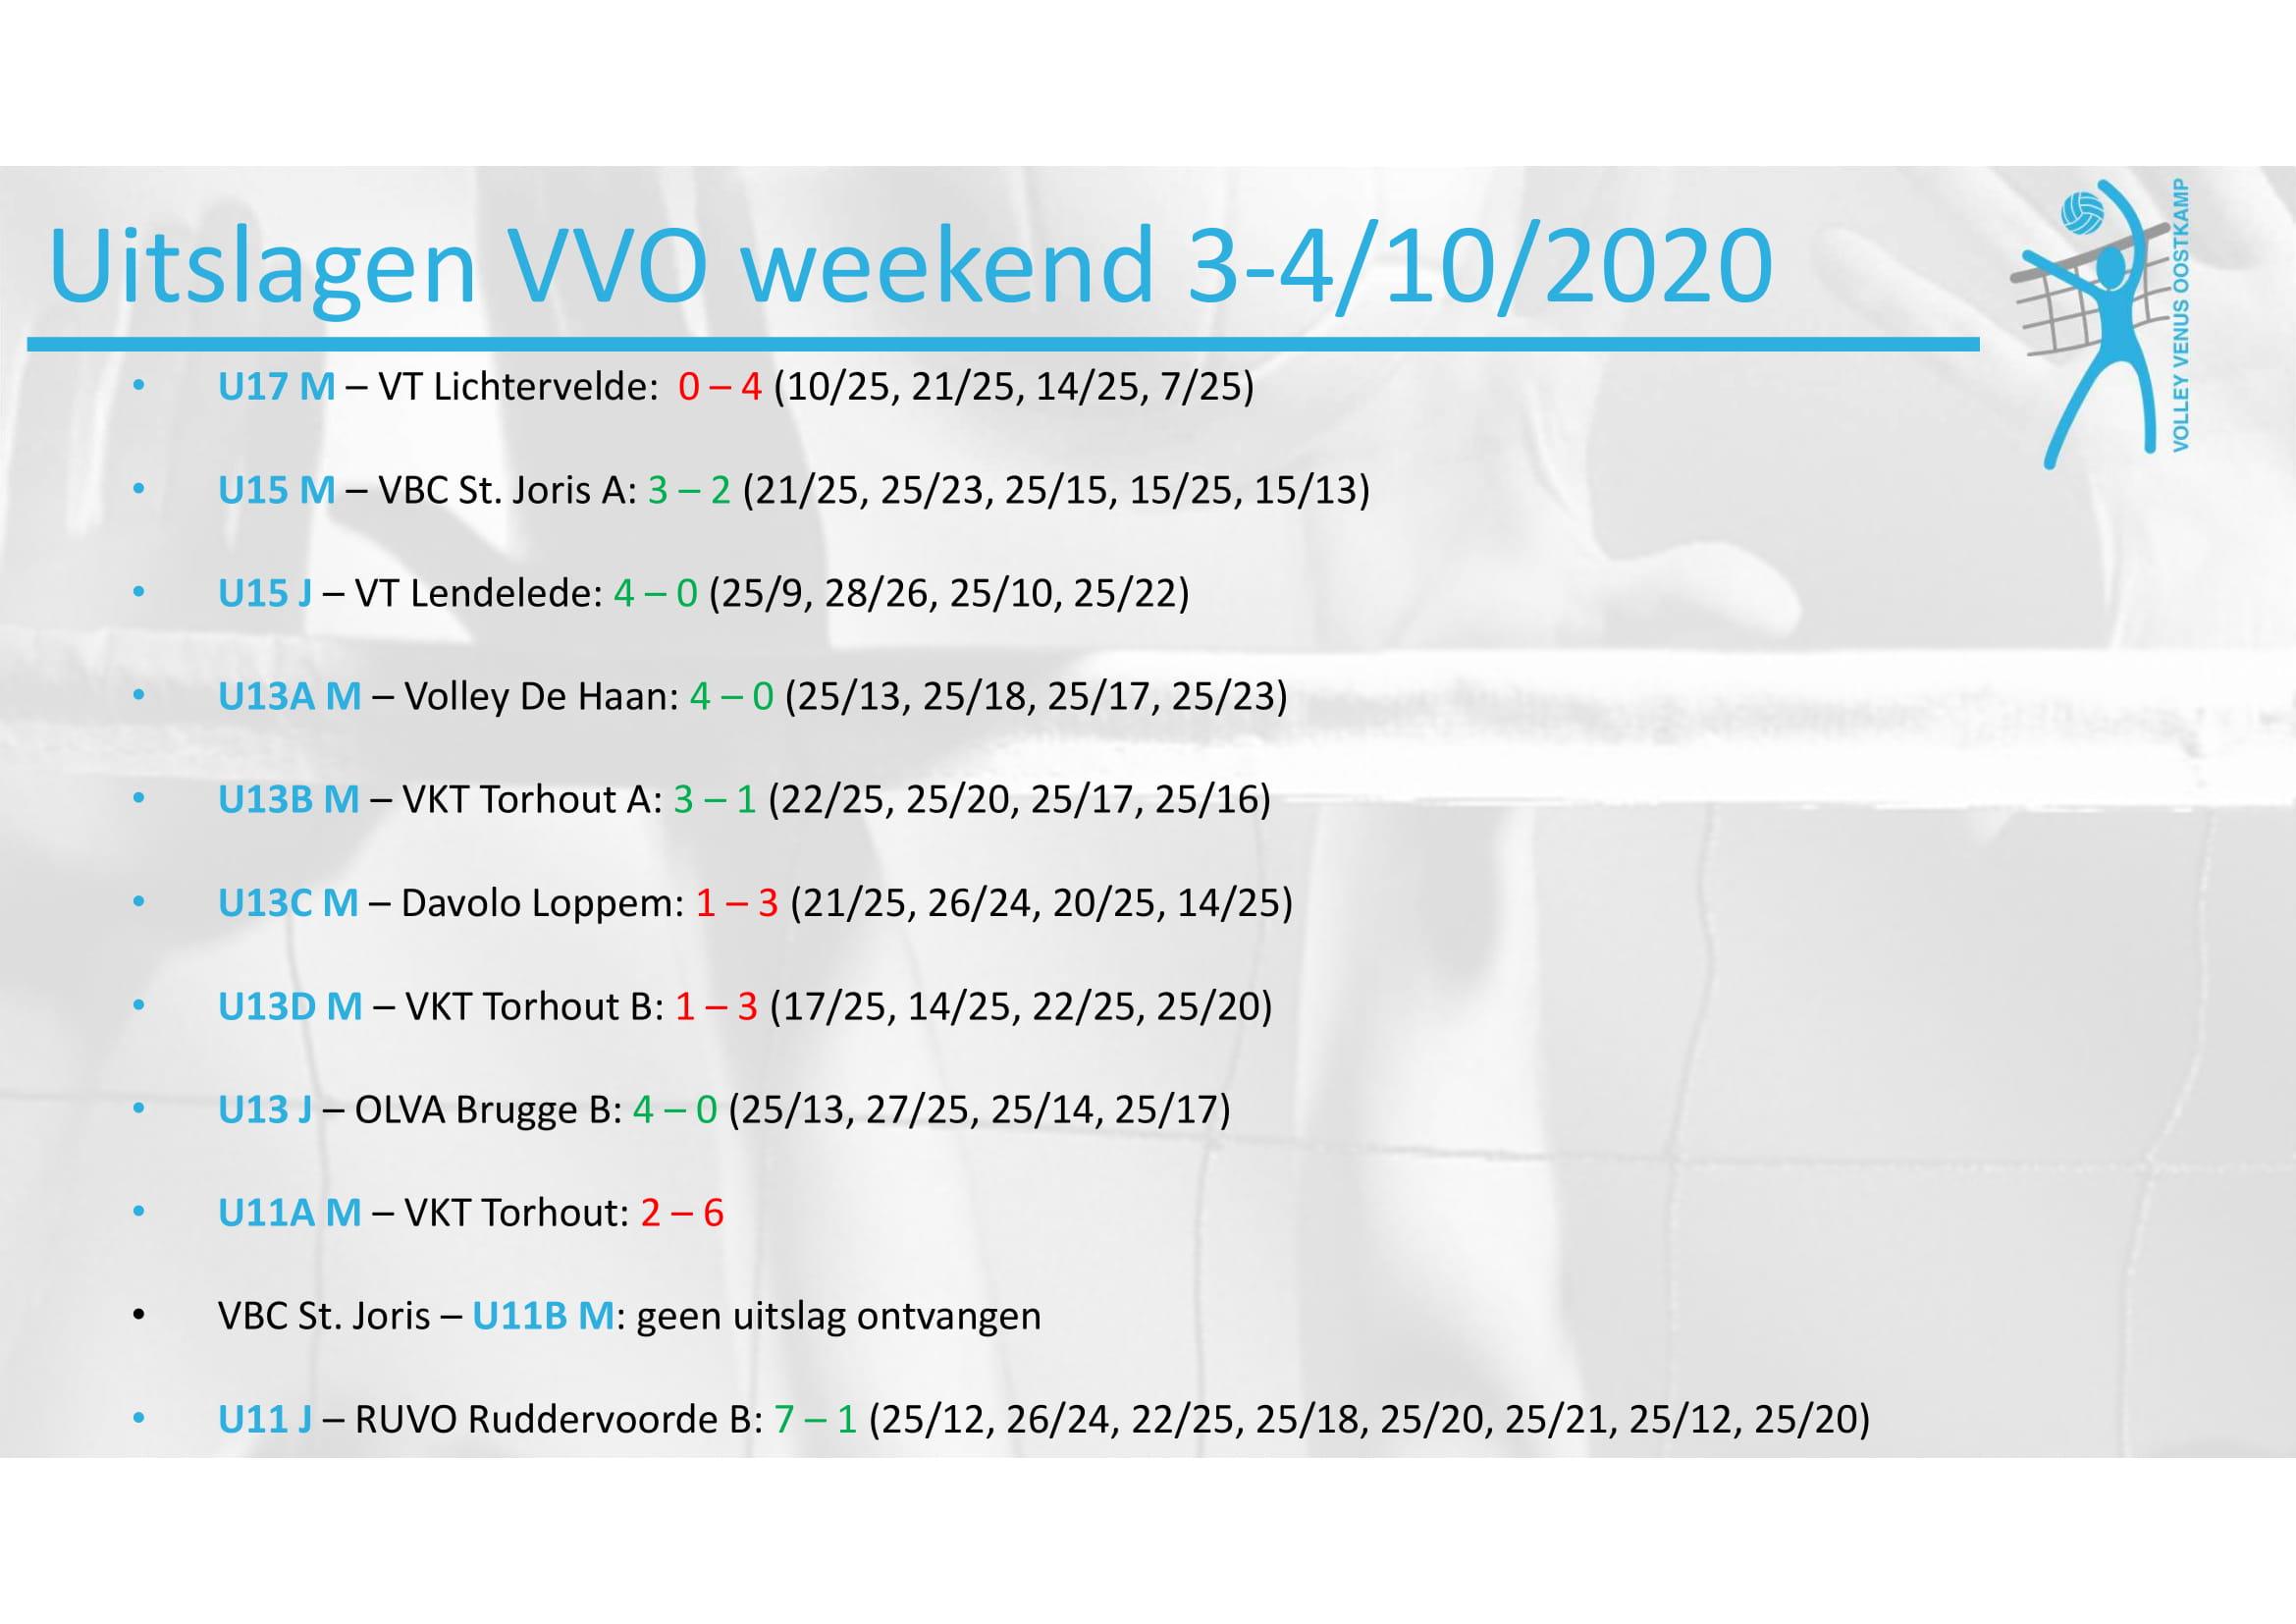 Uitslagen weekend 3-4/10/2020